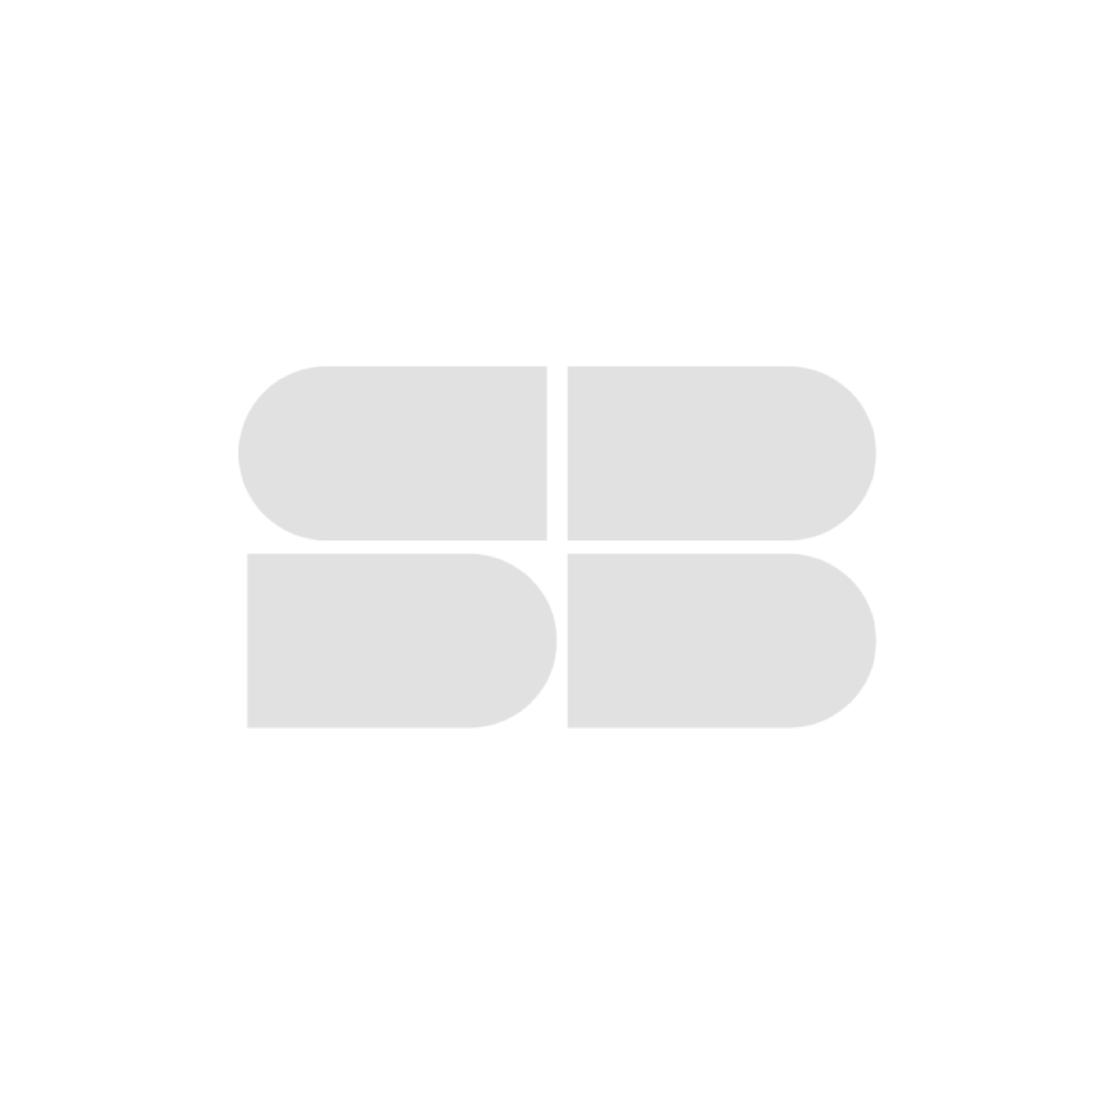 RESTONIC ที่นอน รุ่น REFLEX 3650 3.5 ฟุต พร้อมของแถม 3 รายการ-01